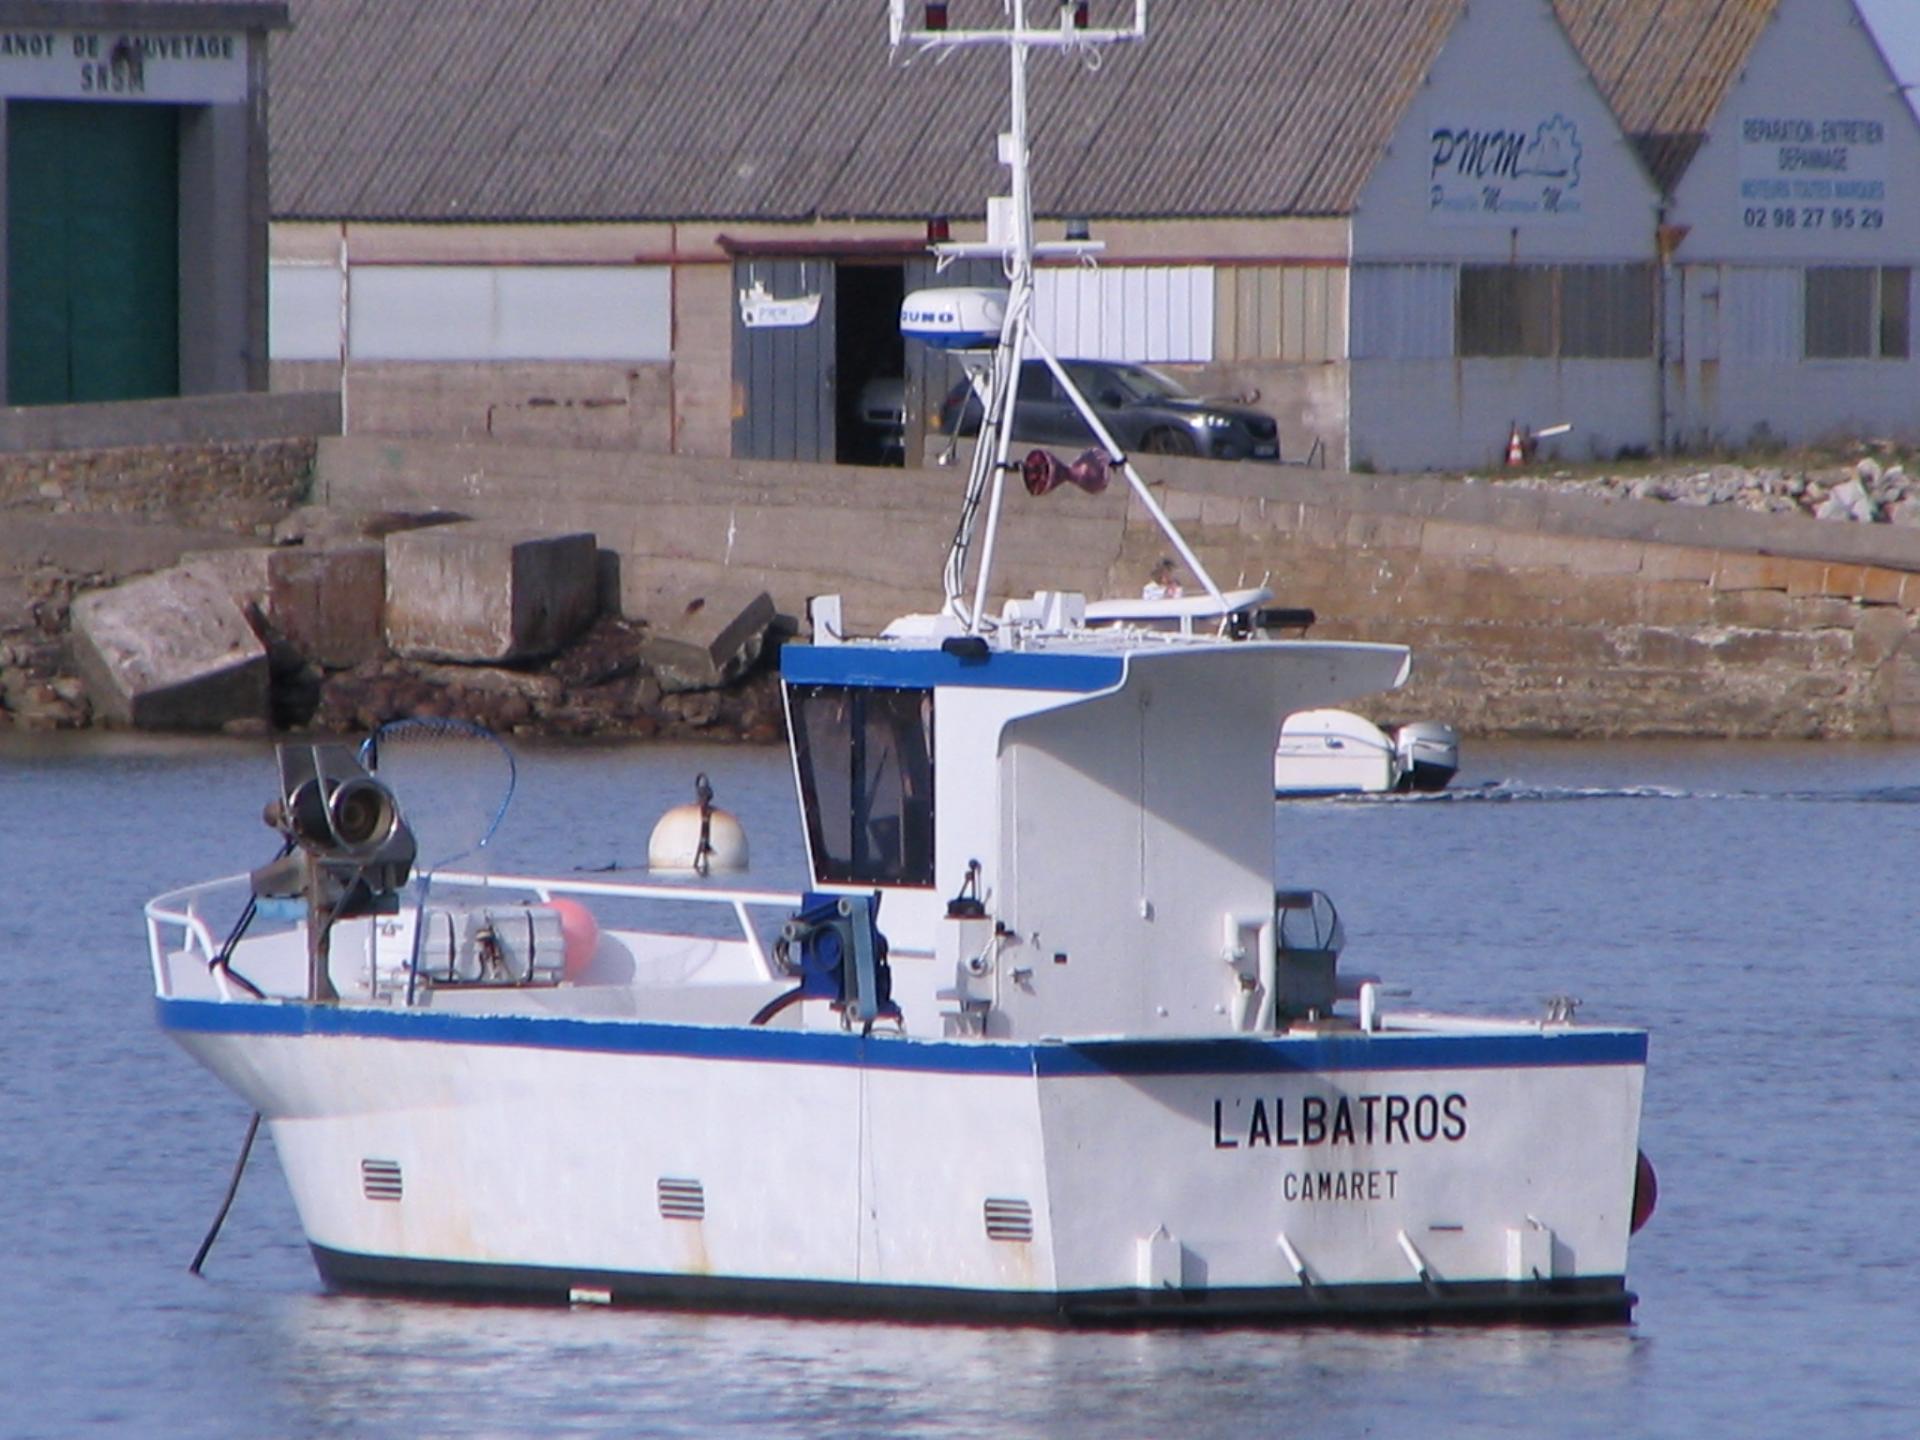 L albatros cm 804689